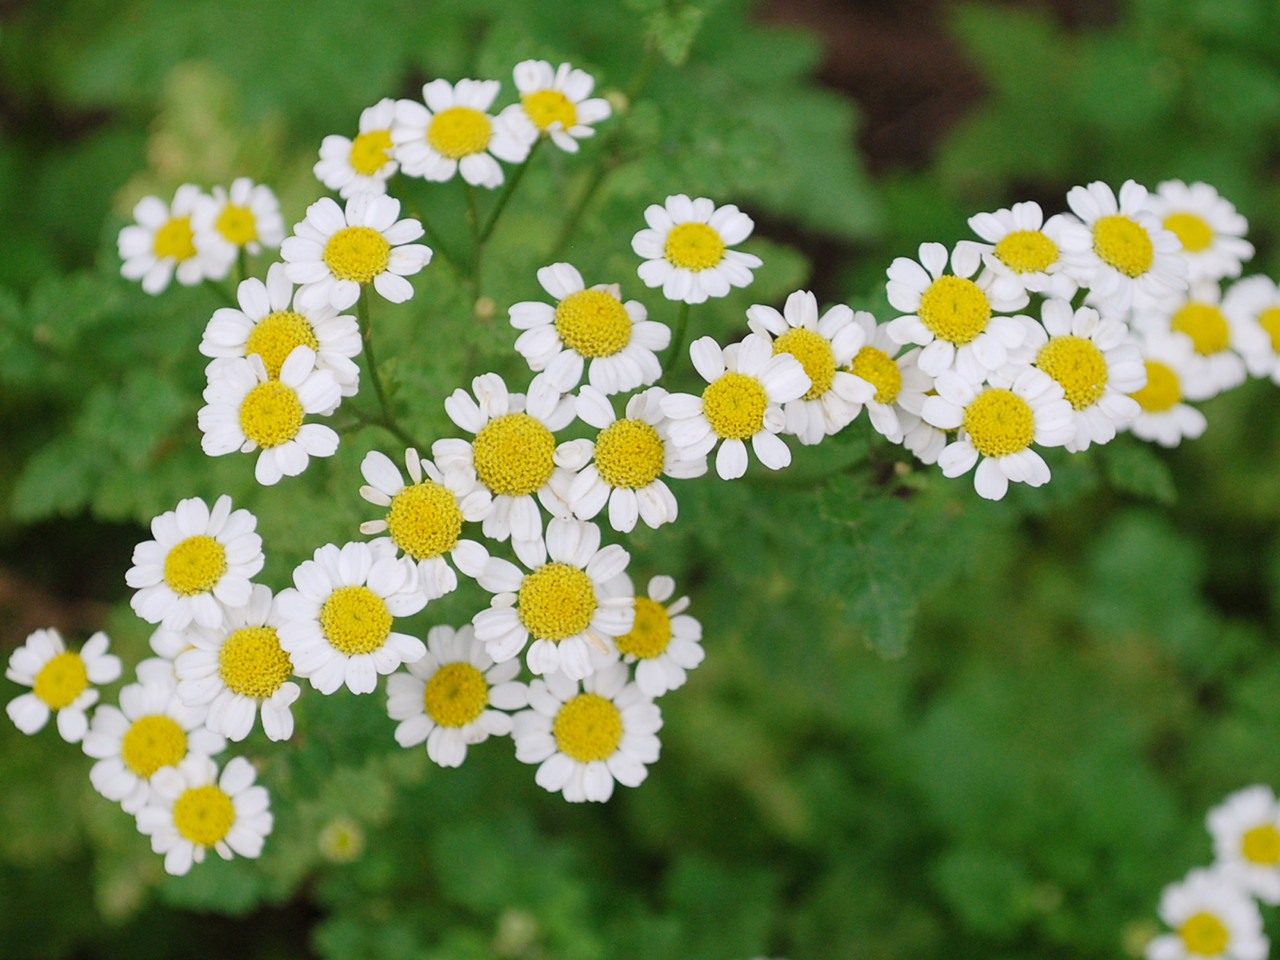 ナツシロギク(キク科) - ナツシロギク(キク科) - お花の見頃情報